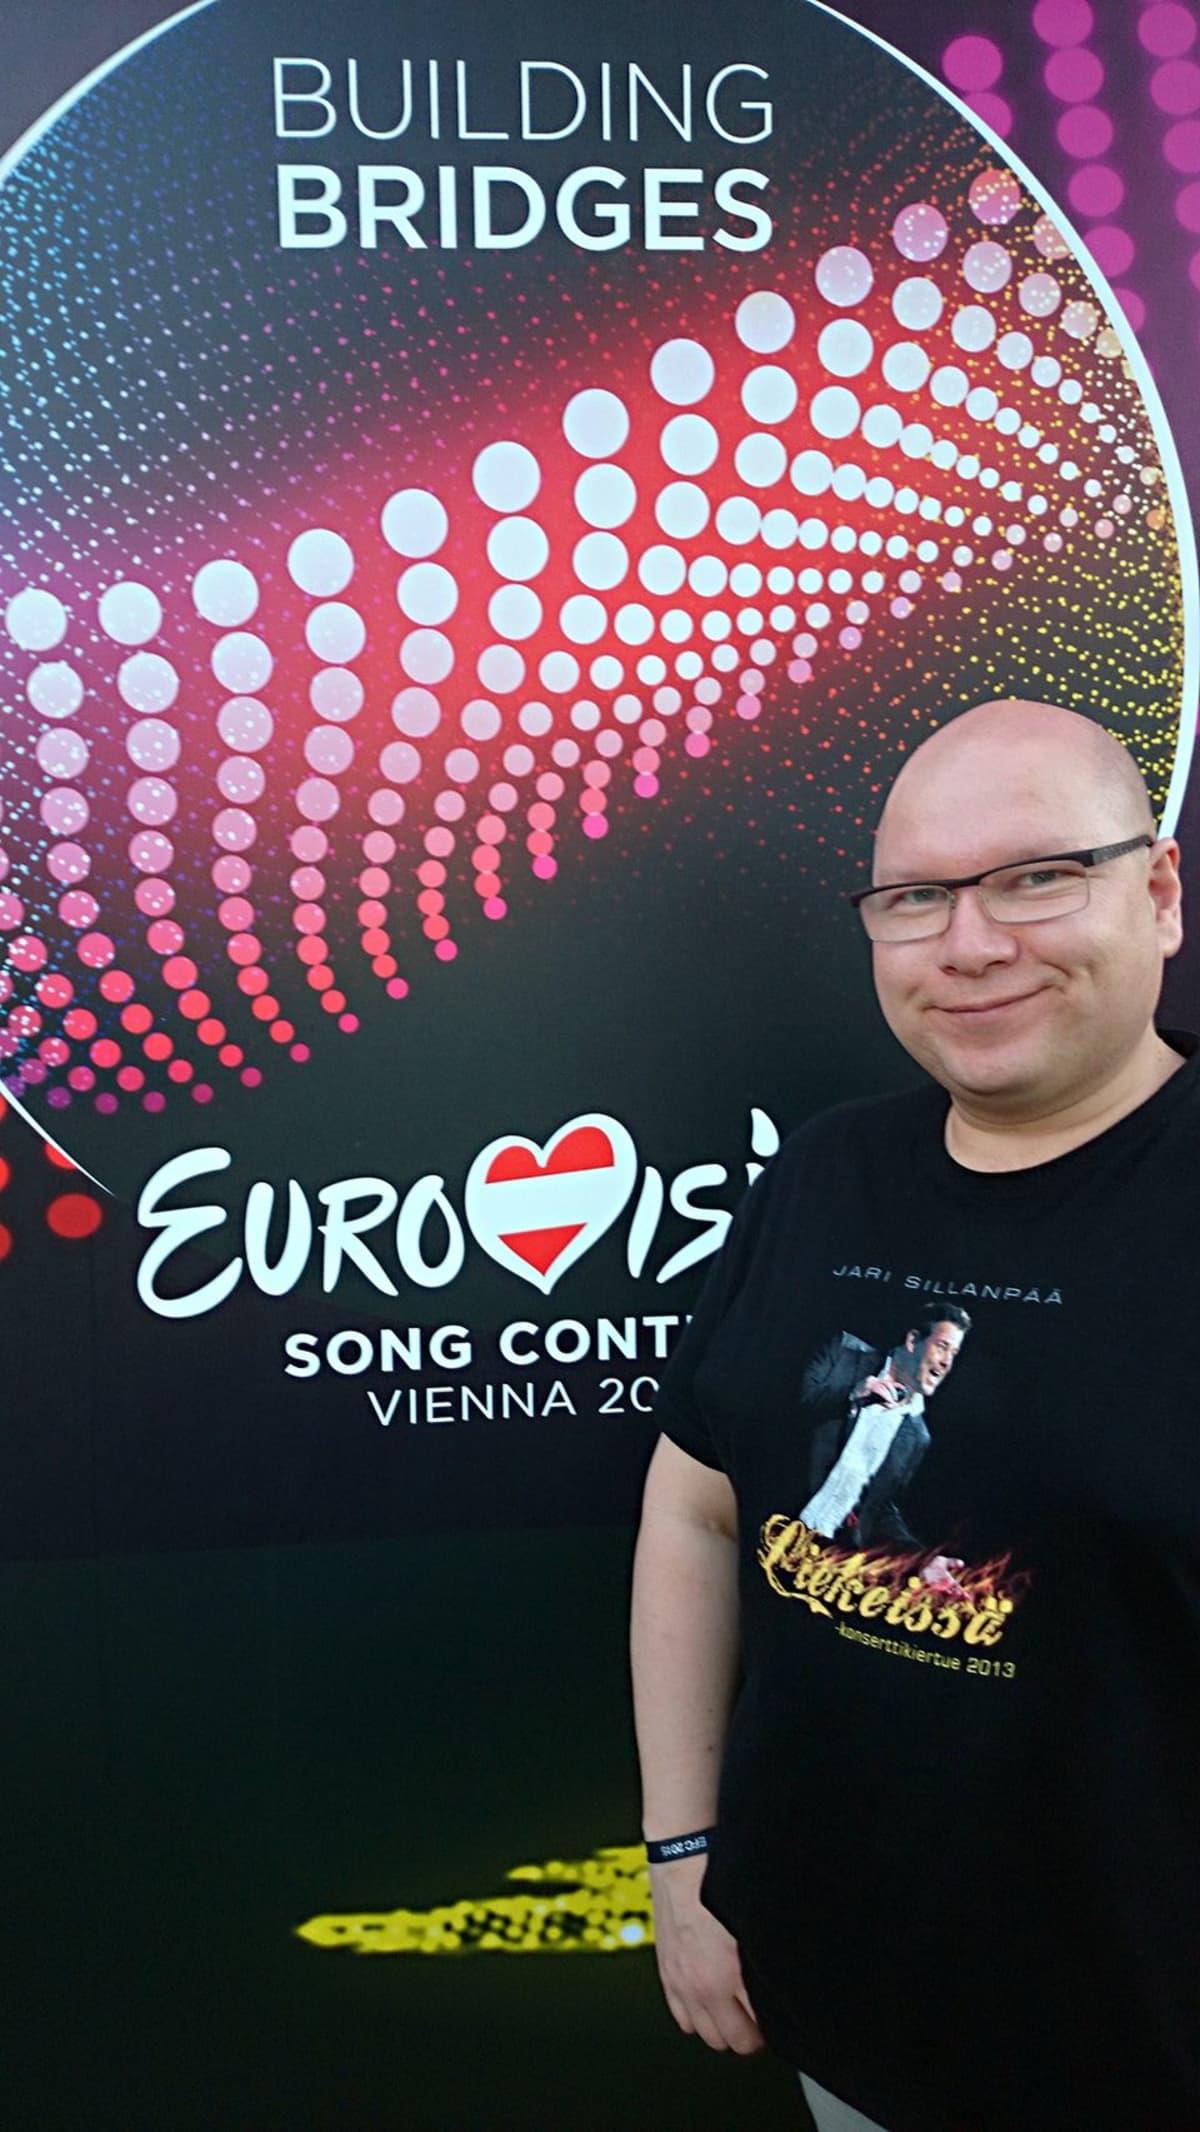 Euroviisufani Martti Heikkinen